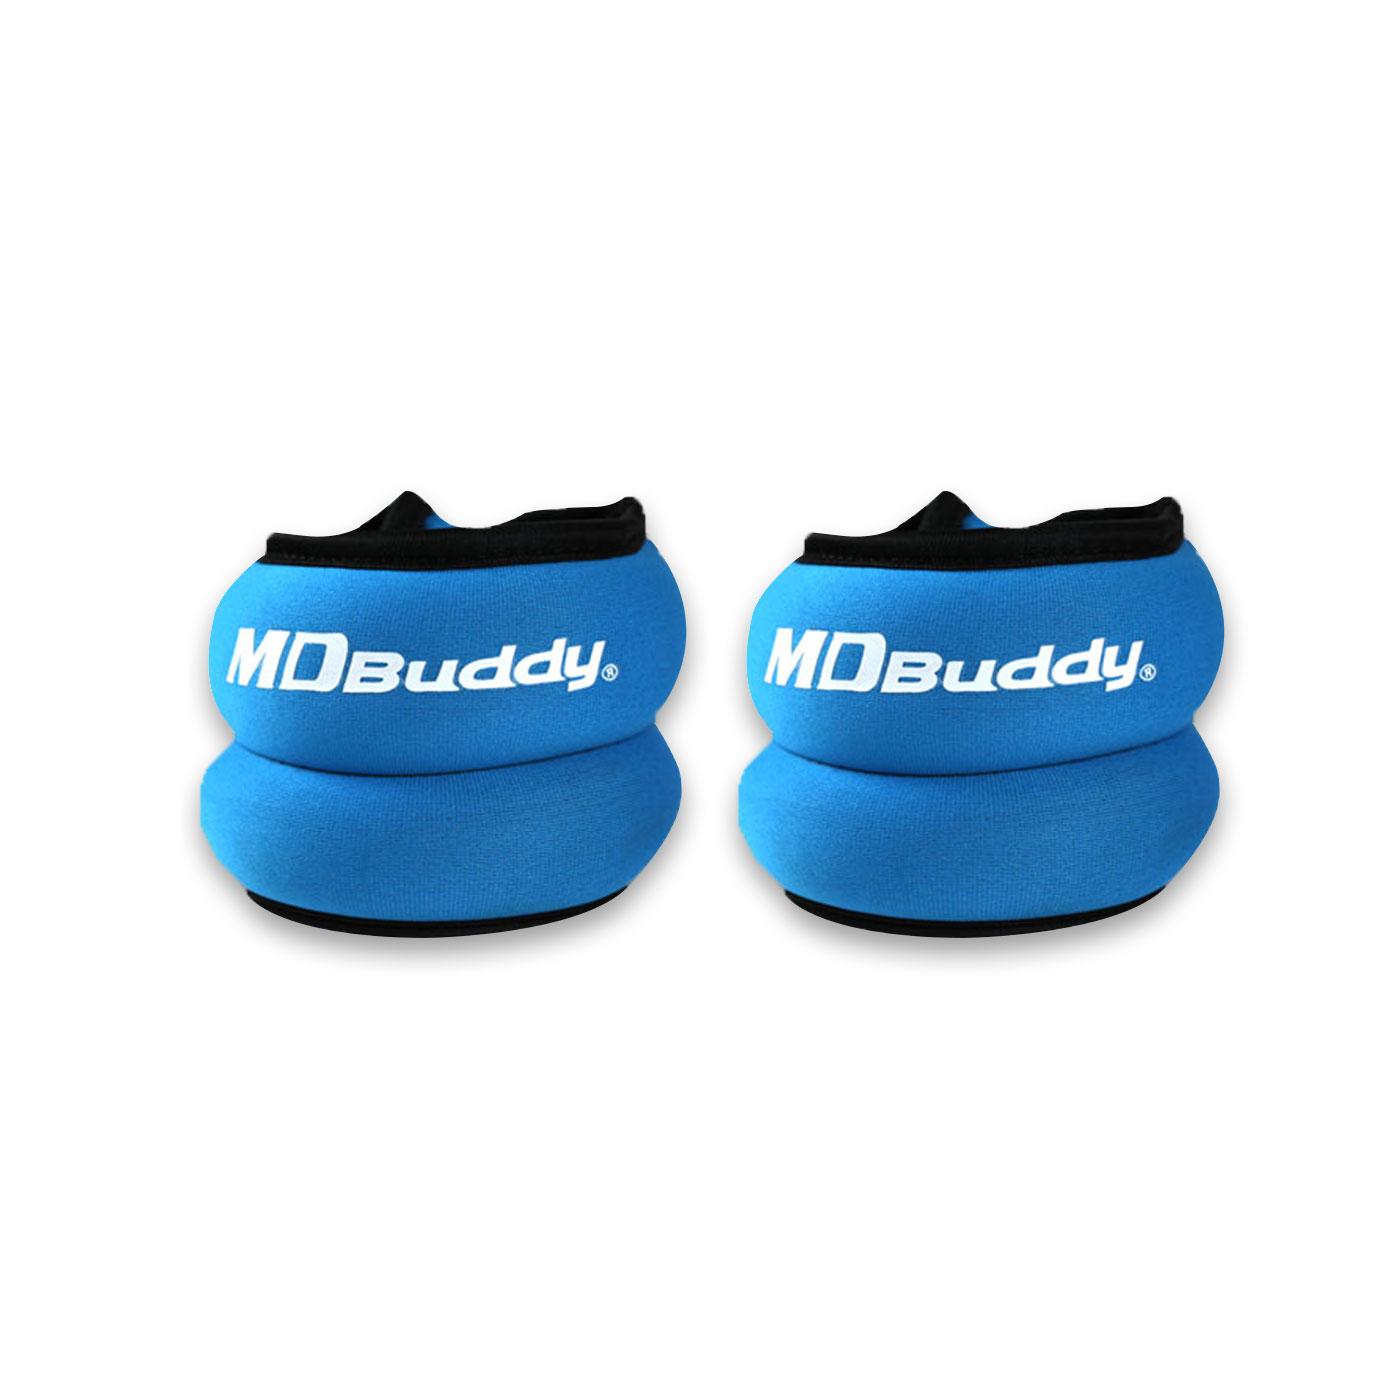 MDBuddy 腕帶式負重手套1KG(一雙) 6022501 - 隨機